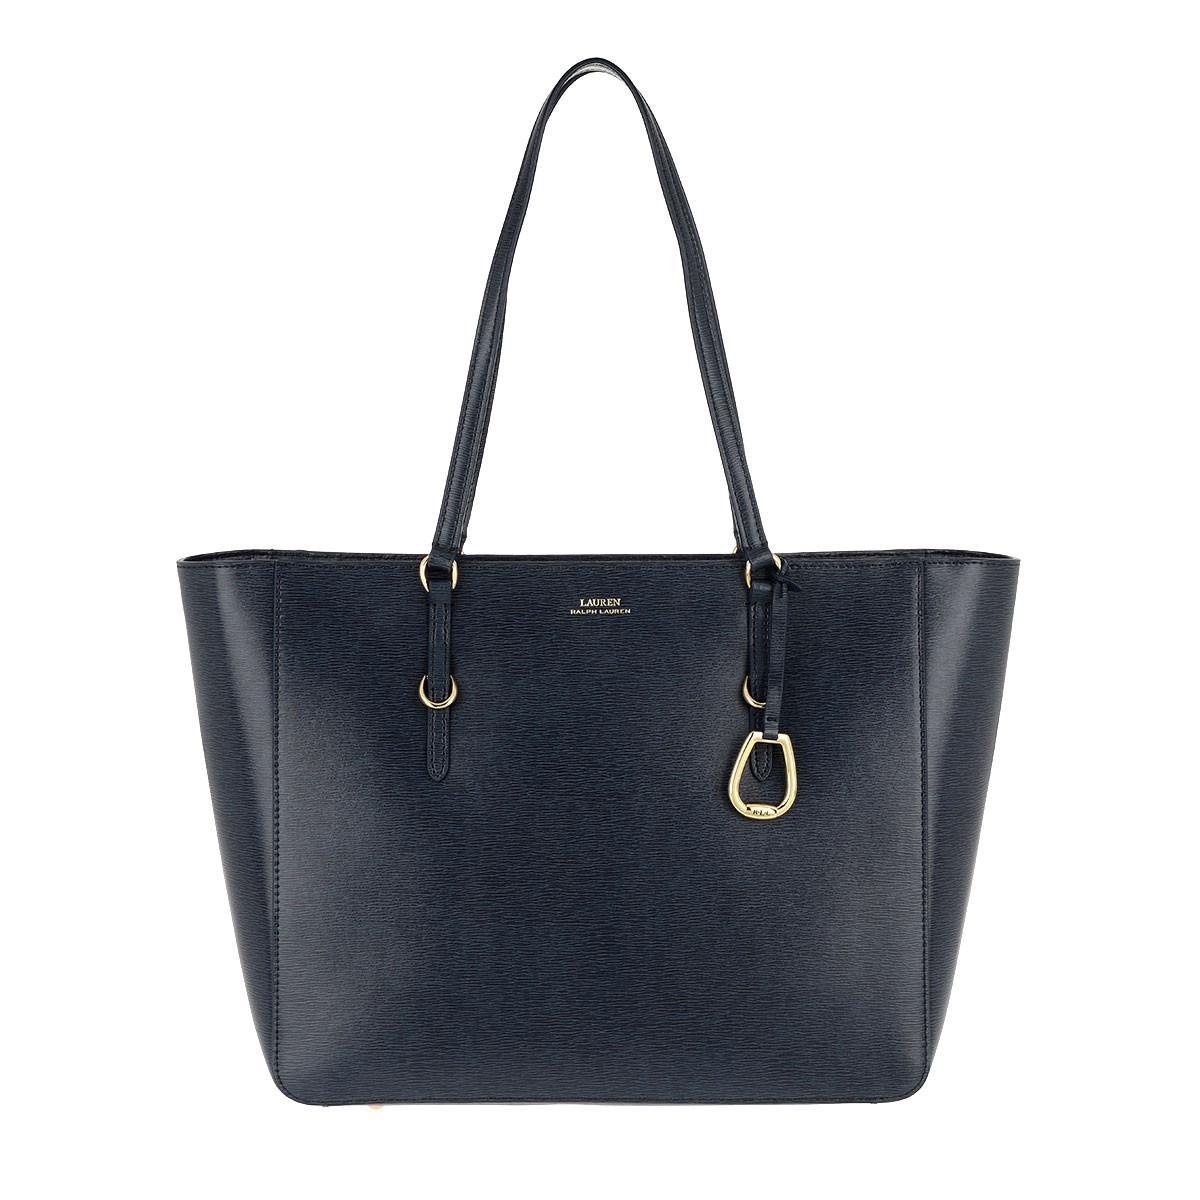 9d4c19fedbd Lauren by Ralph Lauren Shopping Bag Medium Navy in Blue - Lyst